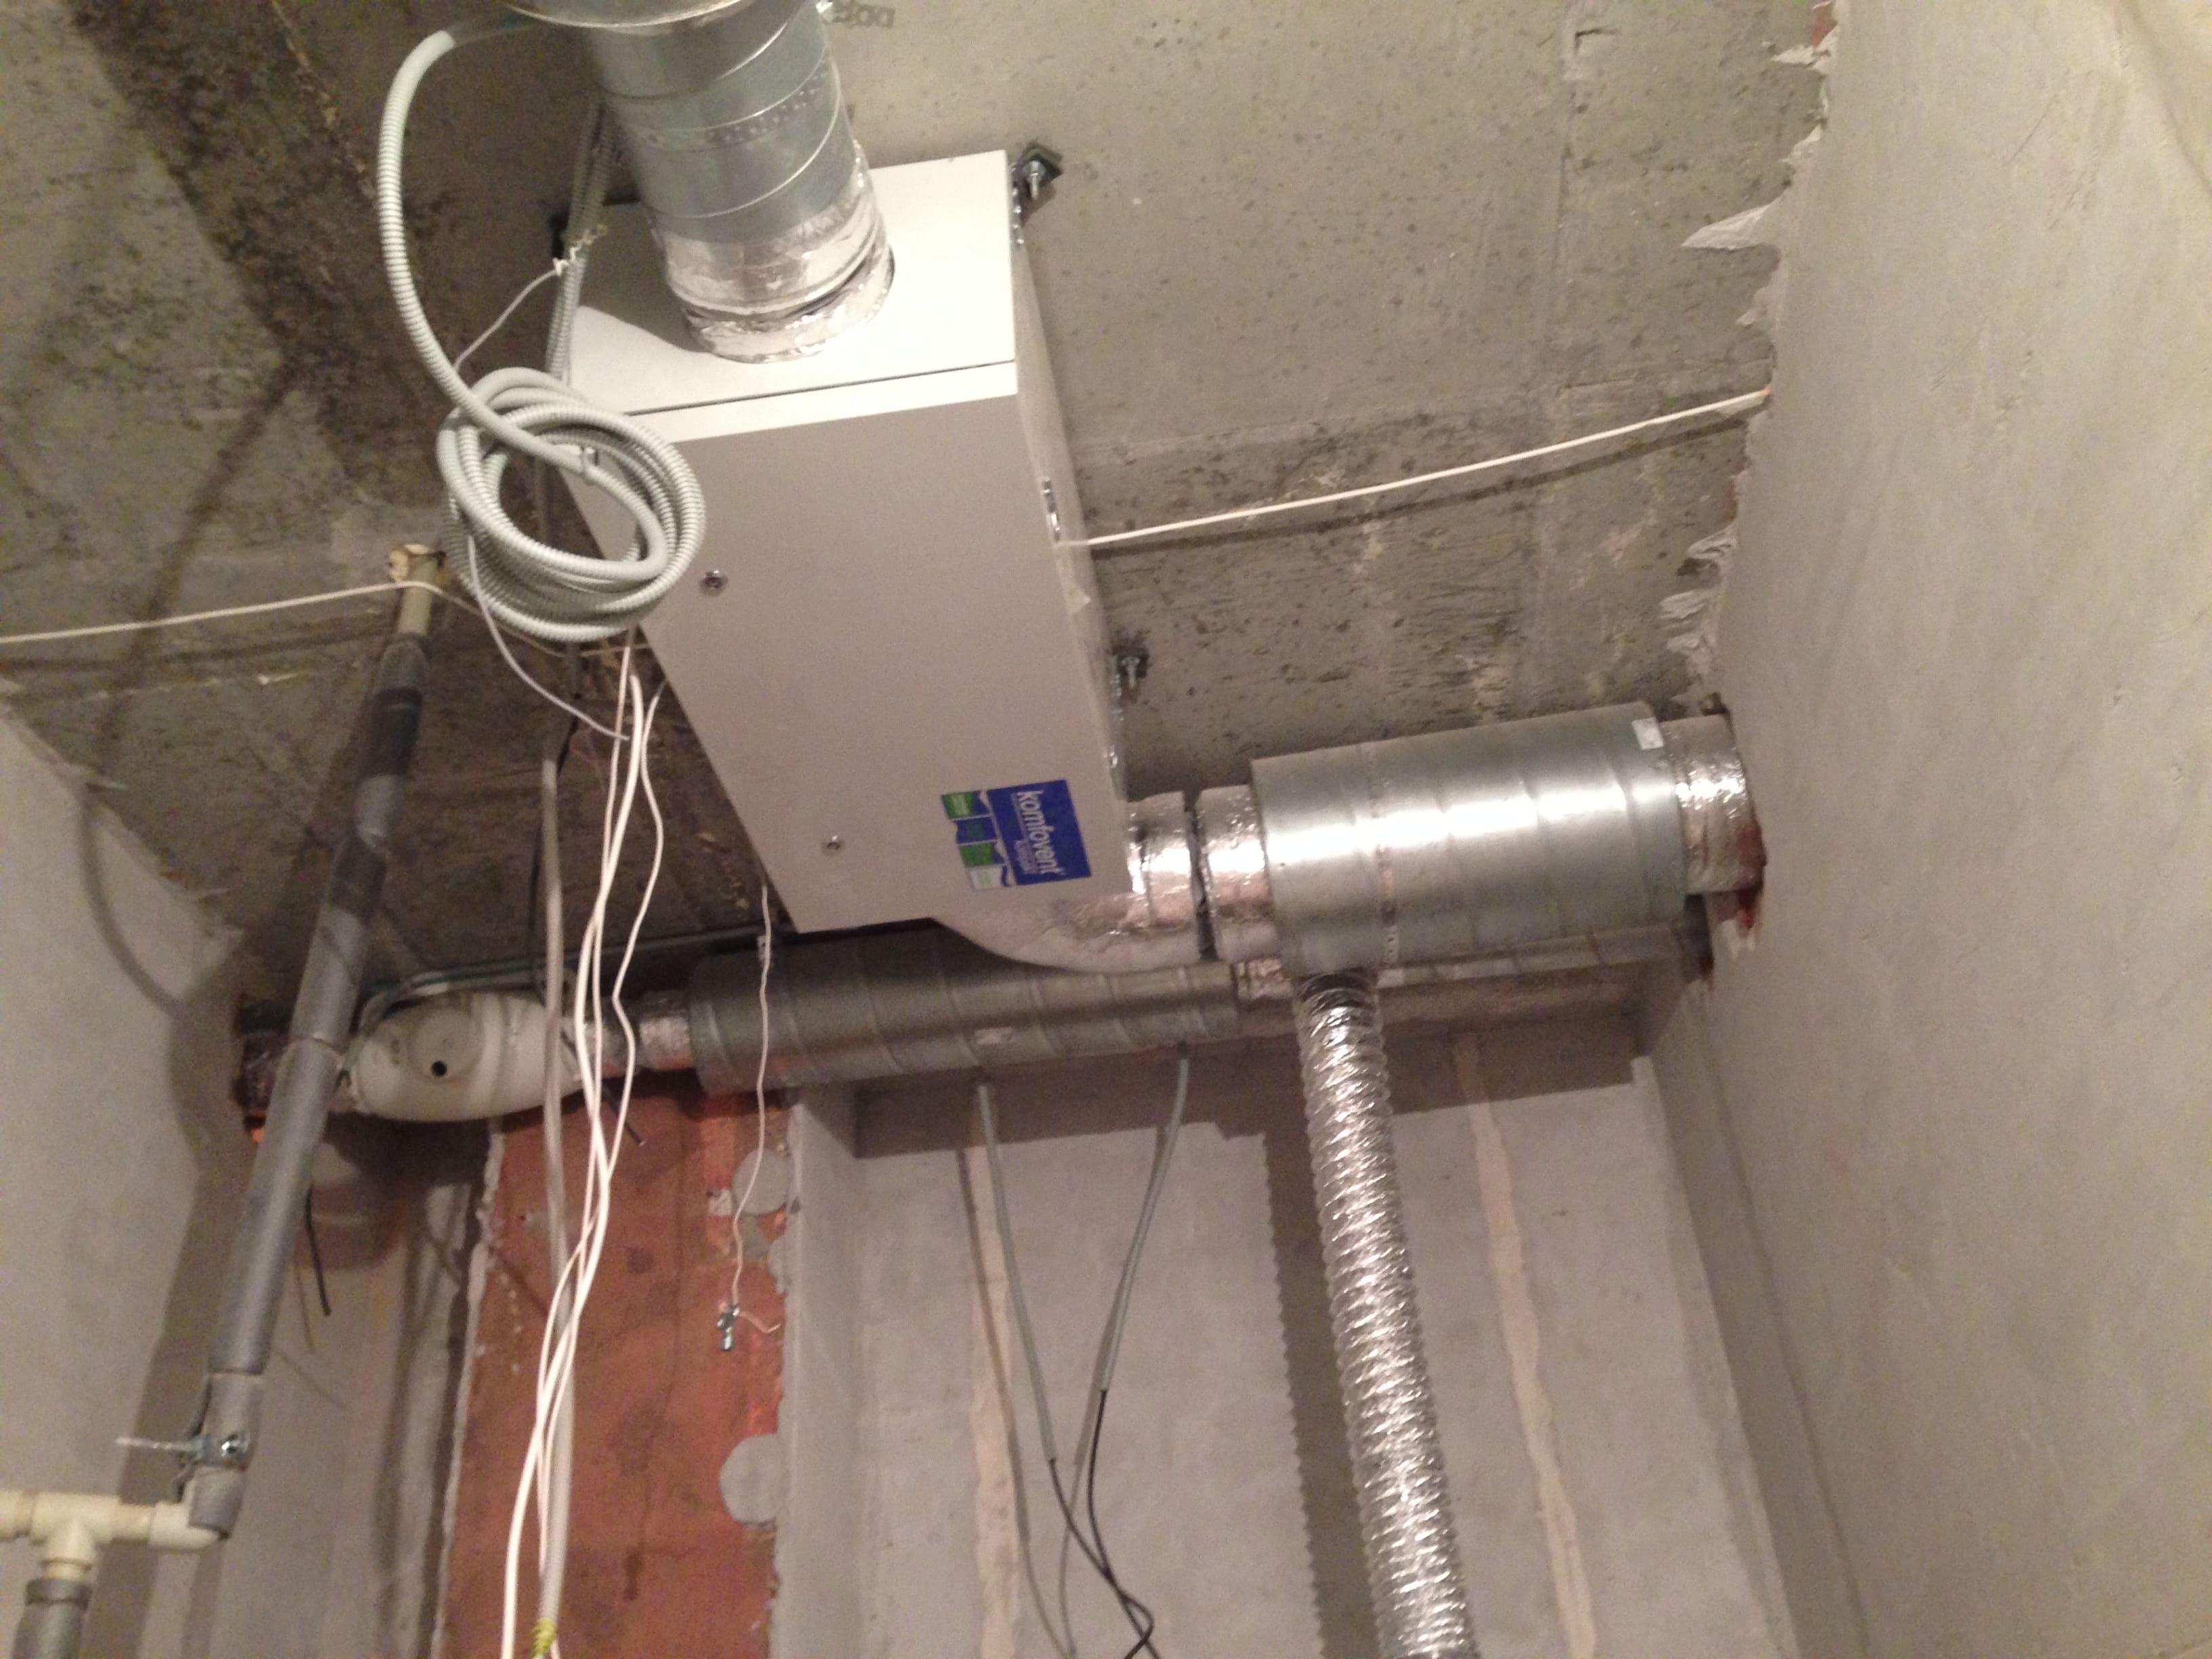 Вентиляция в квартире своими руками: схема, как сделать, приточной вентиляции, монтаж | ремонтсами! | информационный портал